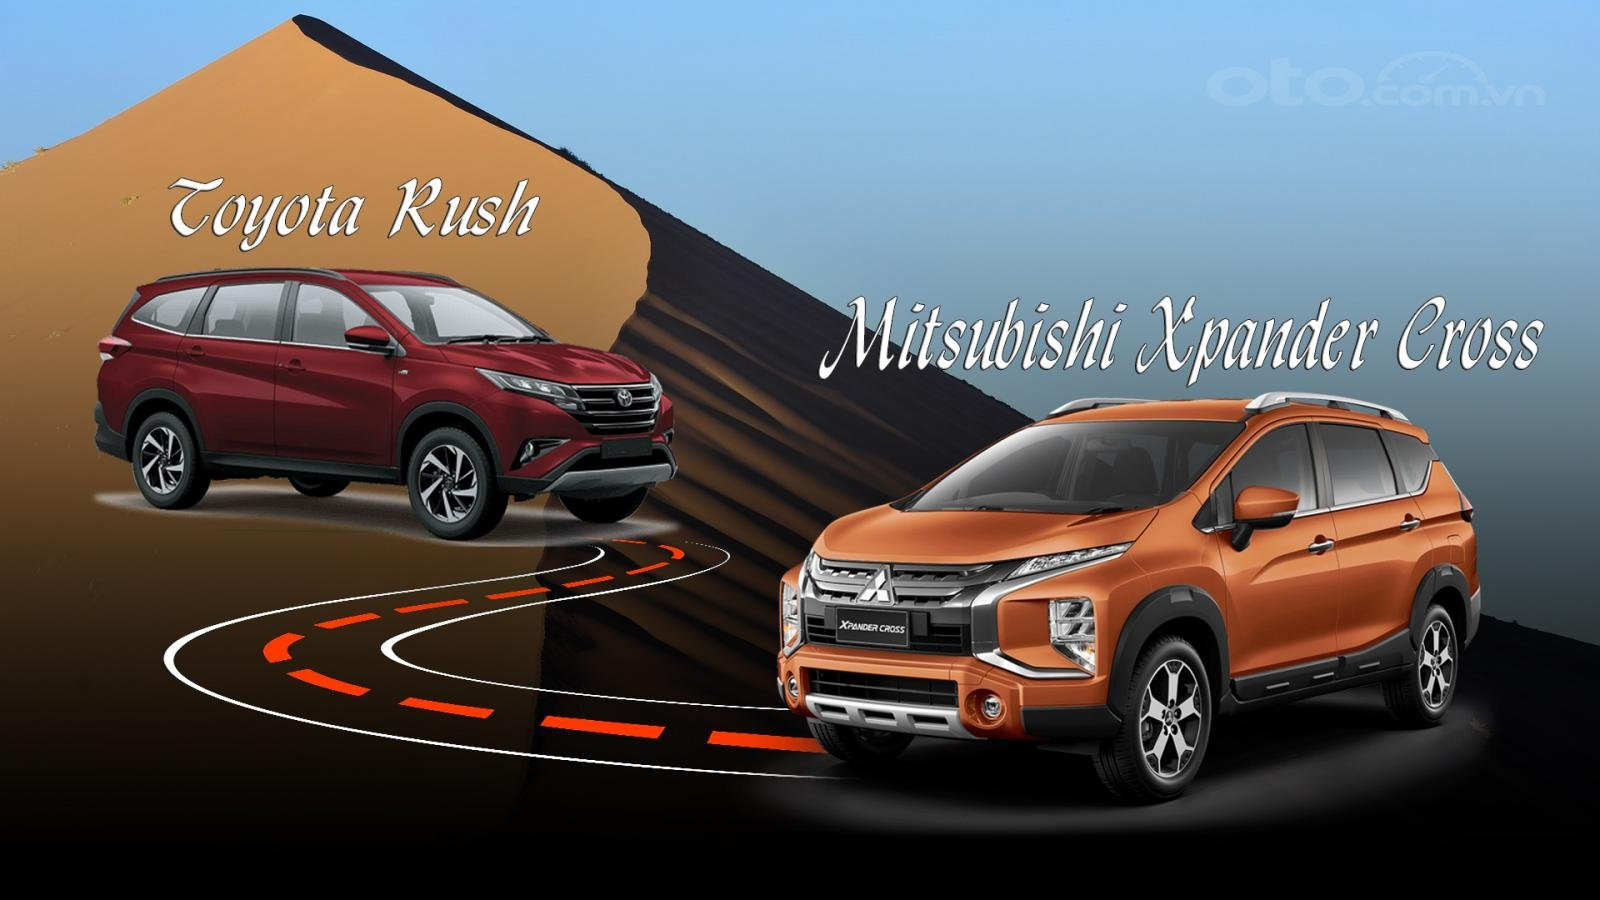 So sánh xe Mitsubishi Xpander Cross 2020 và Toyota Rush 2020: a1